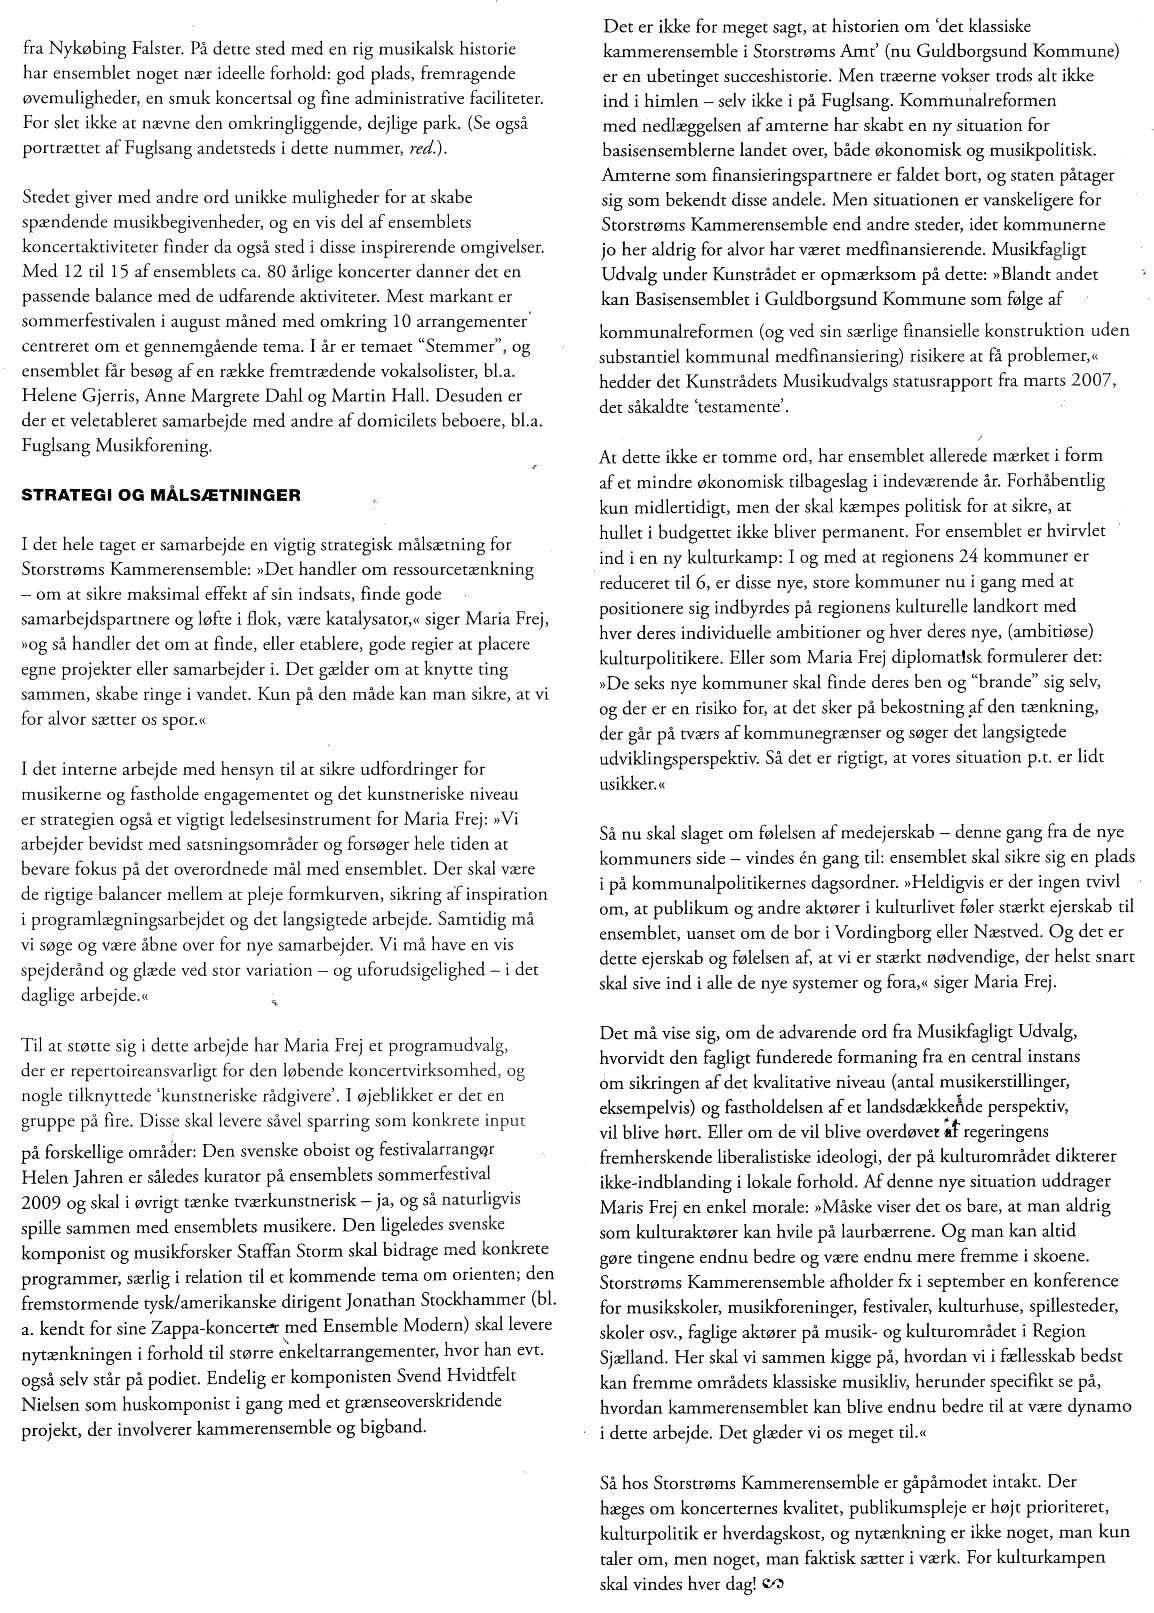 Artikel i DMT, 2007 del 2